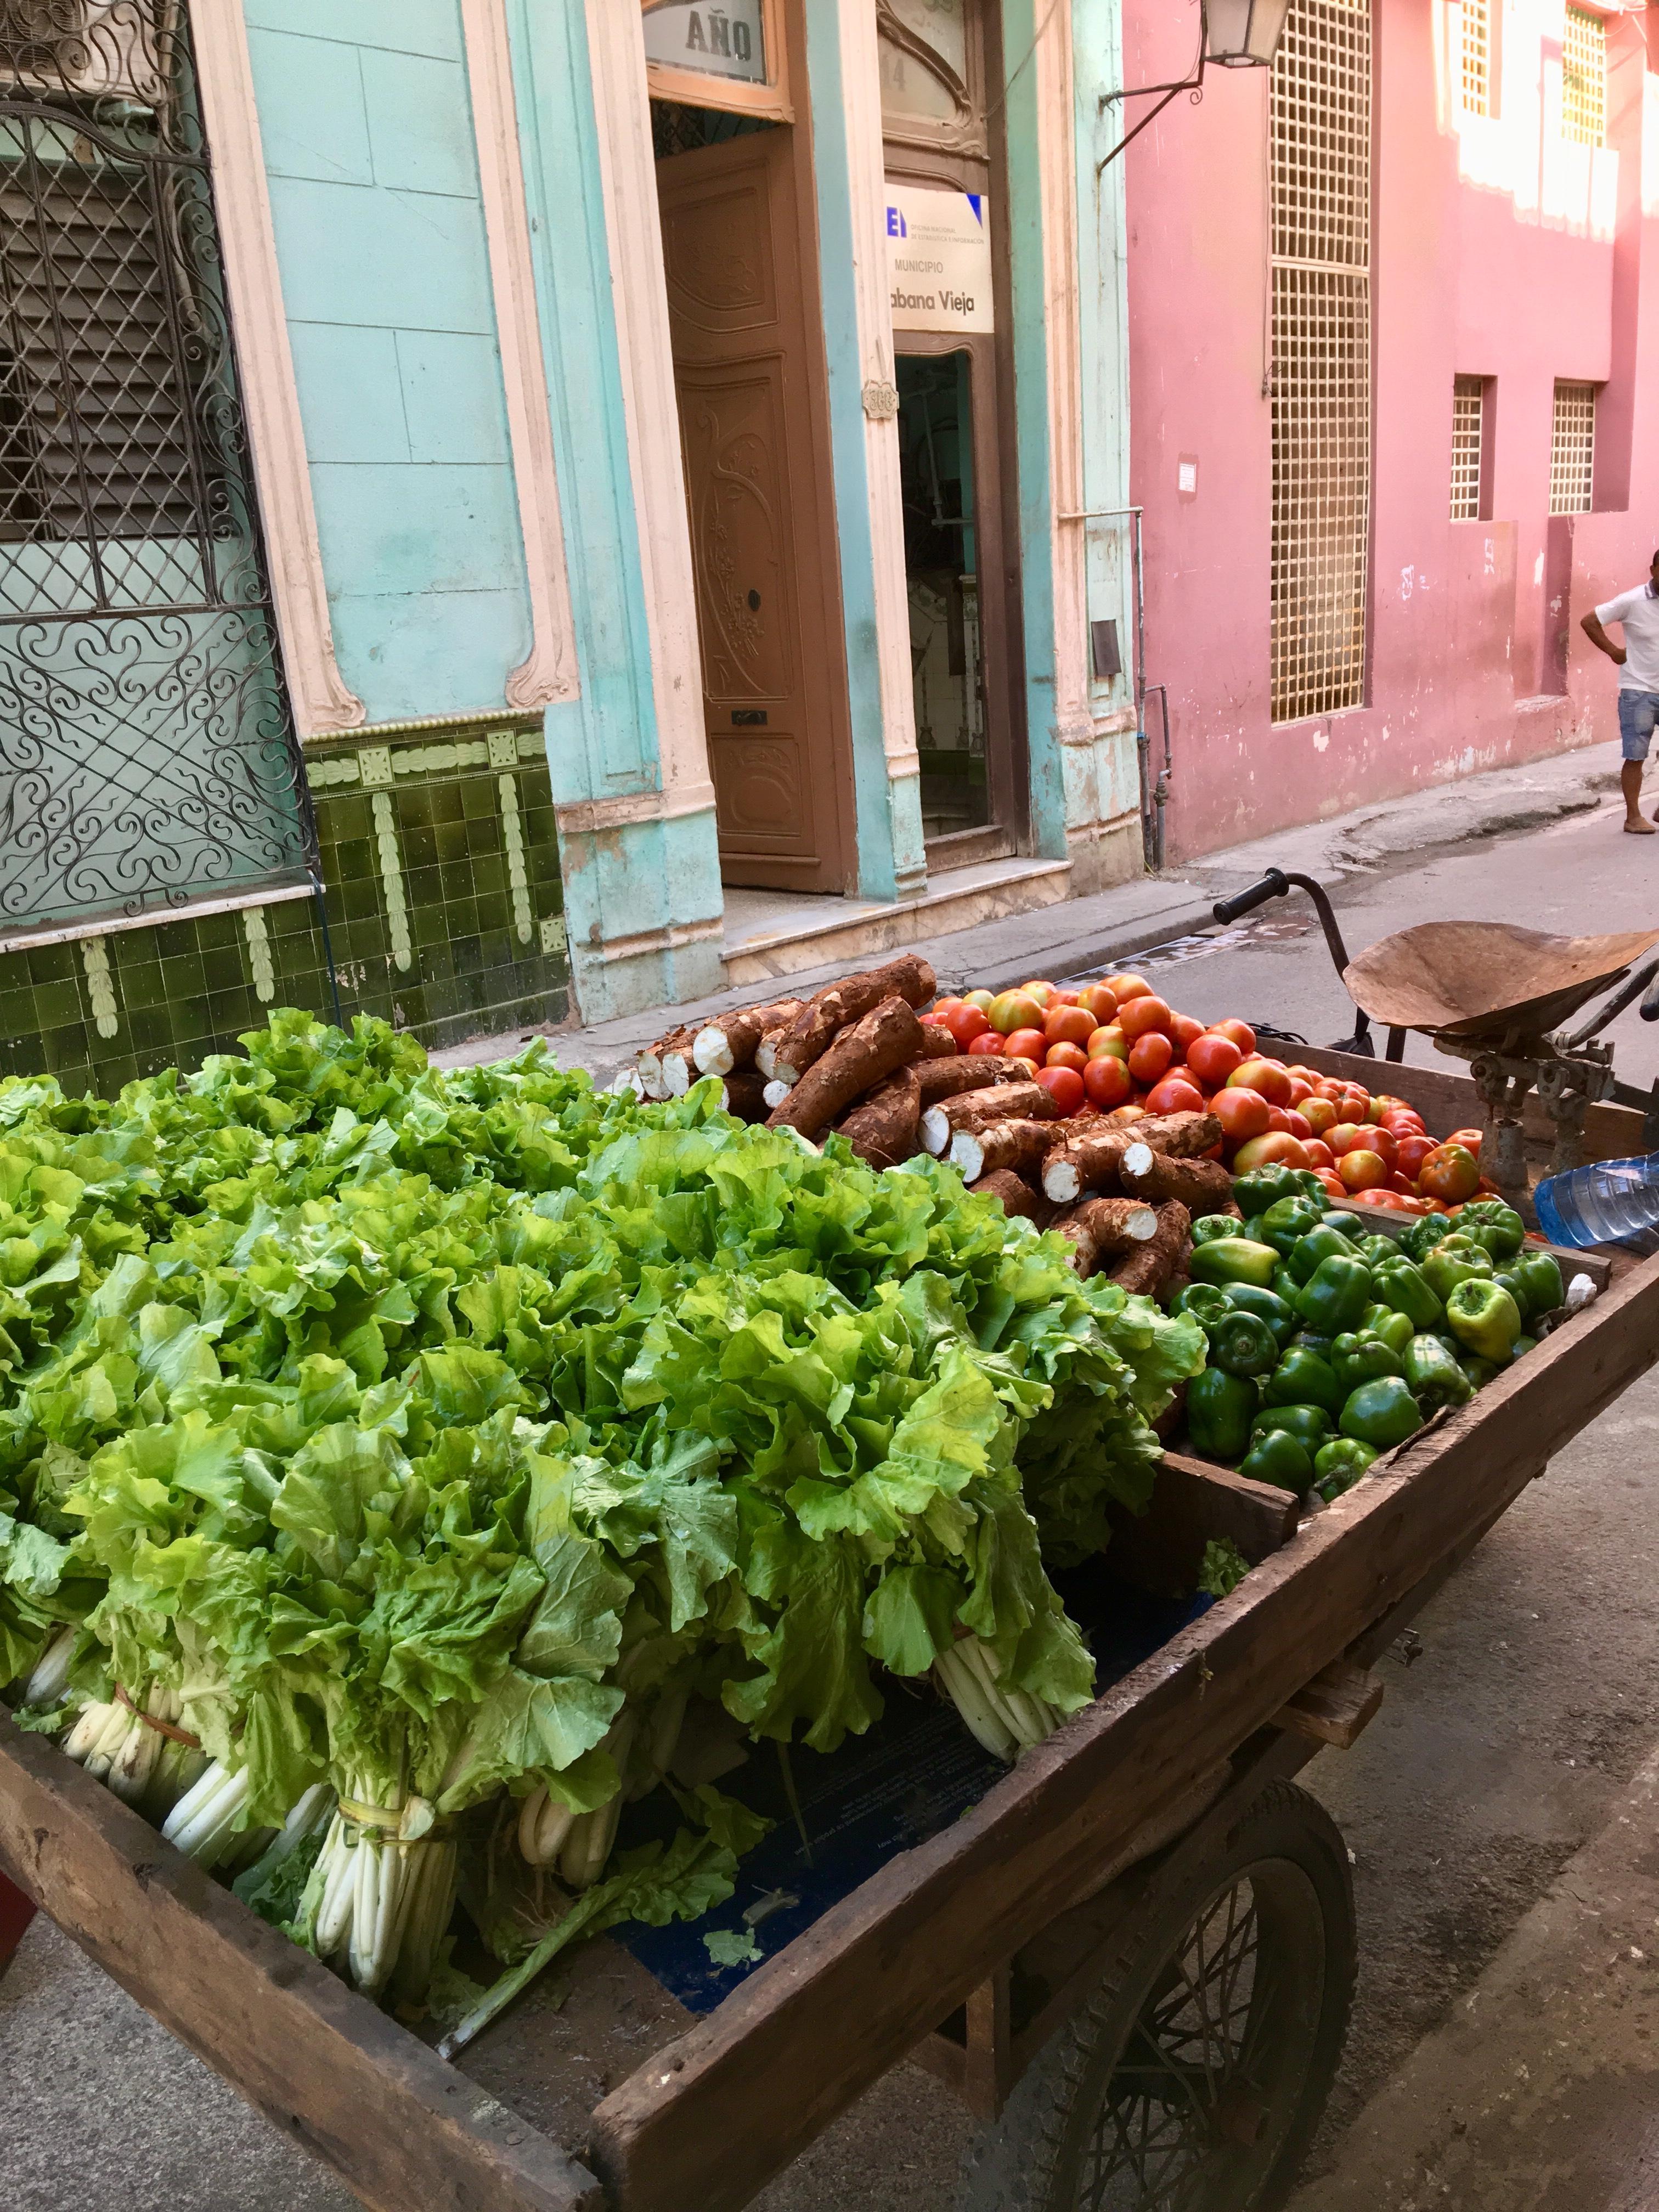 cart of lettuce